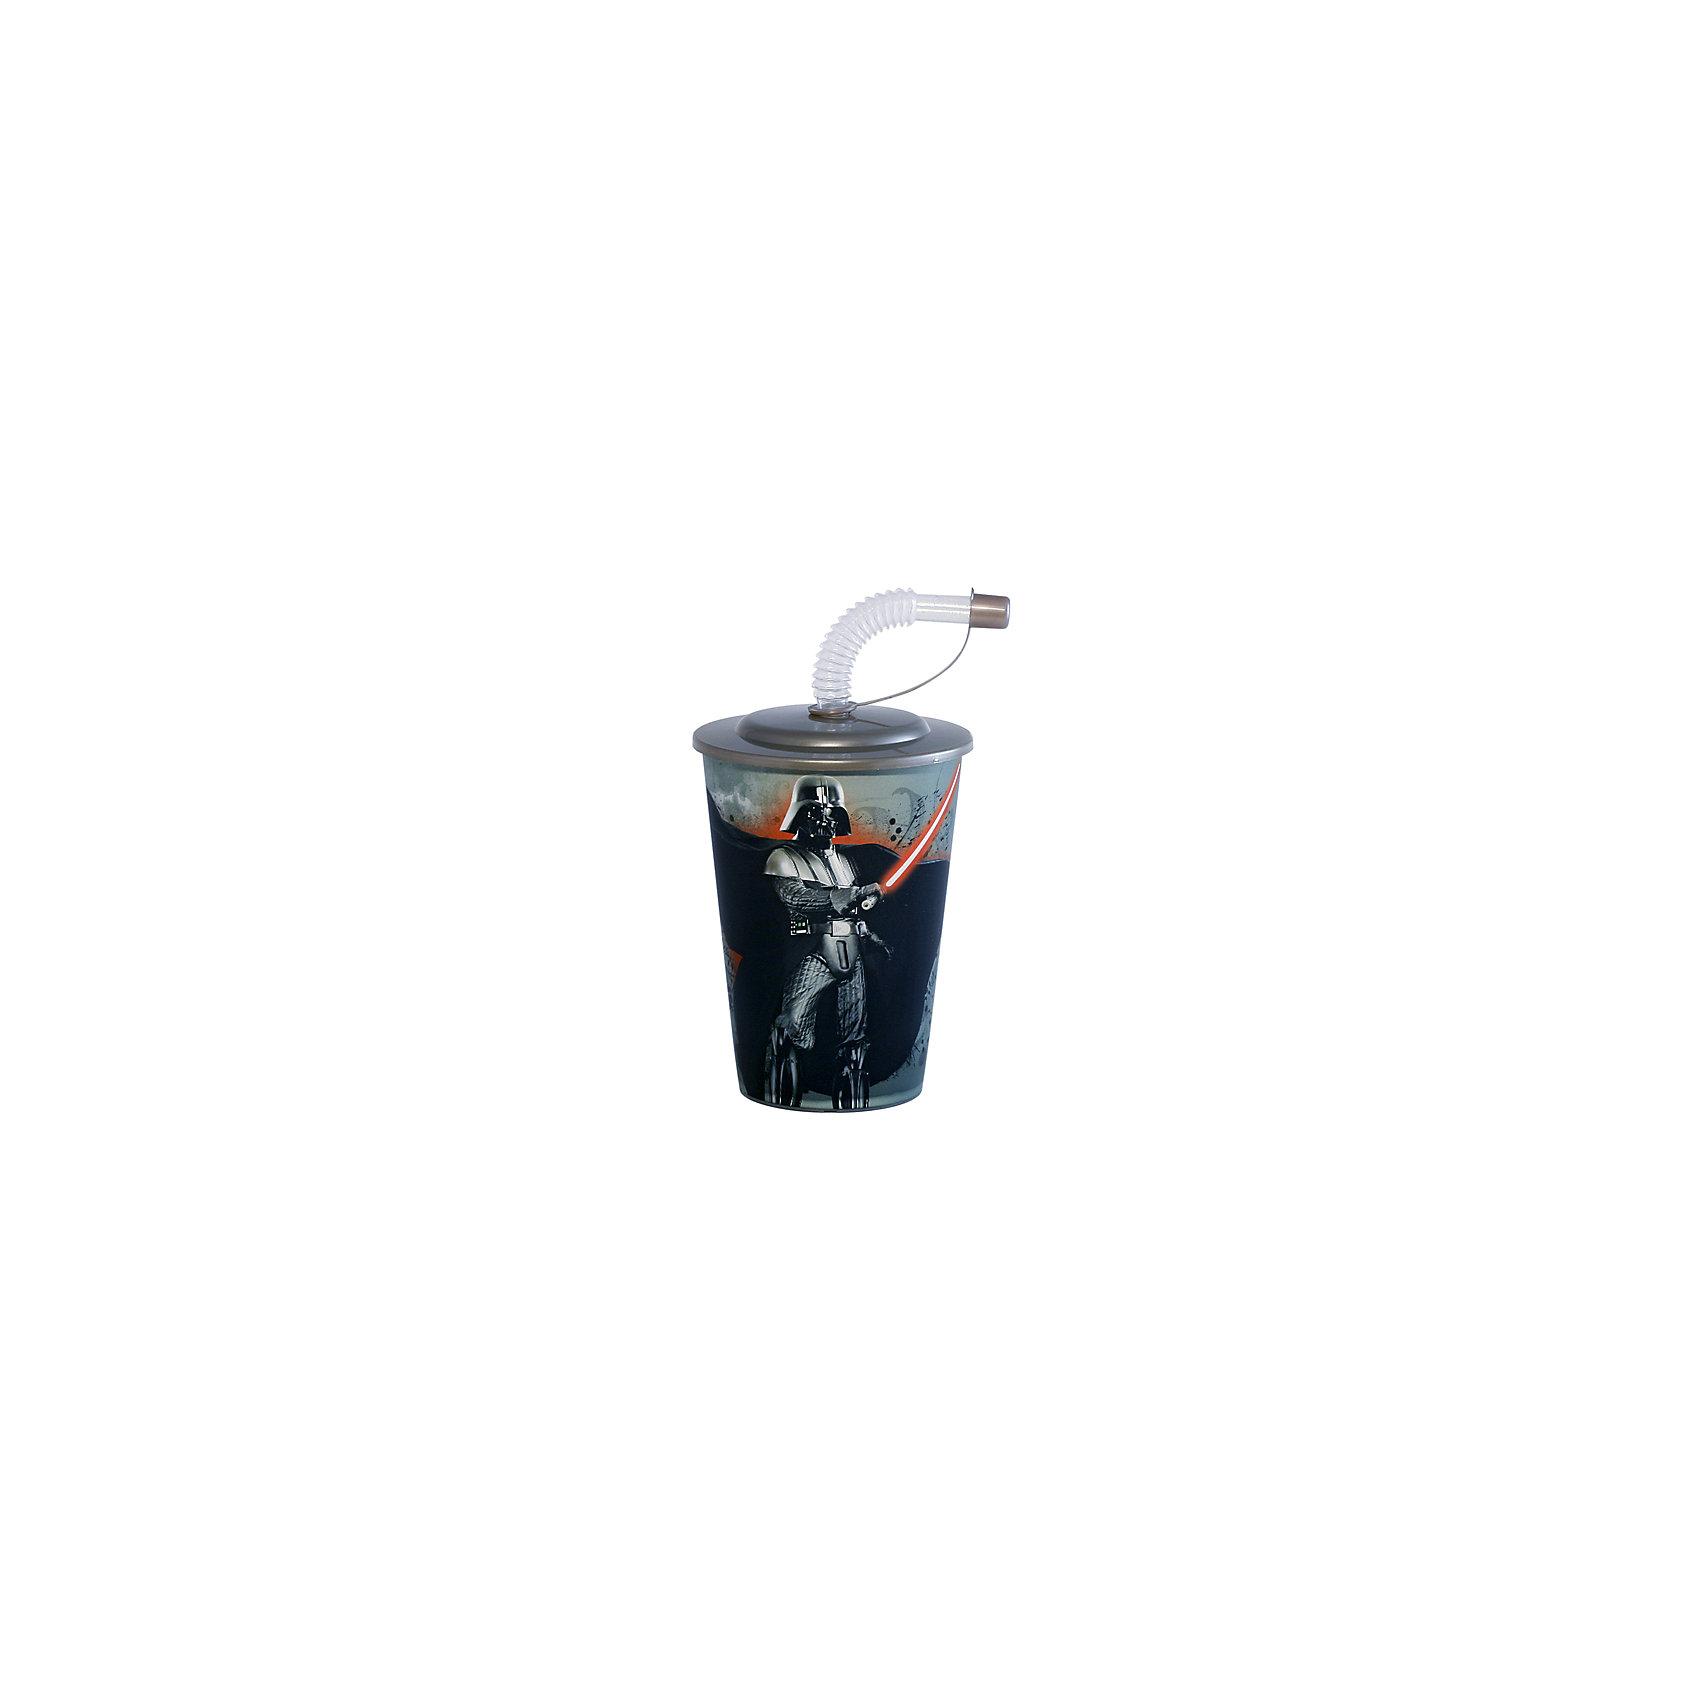 Бокал Дарт Вейдер 450 мл, Звездные ВойныХарактеристики товара:<br><br>• цвет: серый/черный<br>• материал: пластик<br>• размер упаковки: 10x10x17 см<br>• объем: 450 мл<br>• вес: 50 г<br>• комплектация: бокал с крышкой и трубочкой<br>• с рисунком<br><br>Такой бокал станет отличным подарком для ребенка! Он отличается тем, что на бокале изображен герой из фильма Звездные войны. Пить из предметов с любимыми героями многих современных детей - всегда приятнее. Бокал очень удобен, объем оптимален для детей. Плюс - изделие дополнено специальной крышкой и трубочкой. Использовать его можно и дома, и в школе, и на улице!<br>Бокал выпущен в удобном формате, размер - универсальный. Изделие производится из качественных и проверенных материалов, которые безопасны для детей.<br><br>Бокал Дарт Вейдер 450 мл, Звездные Войны, можно купить в нашем интернет-магазине.<br><br>Ширина мм: 90<br>Глубина мм: 90<br>Высота мм: 170<br>Вес г: 50<br>Возраст от месяцев: 36<br>Возраст до месяцев: 120<br>Пол: Мужской<br>Возраст: Детский<br>SKU: 5220411